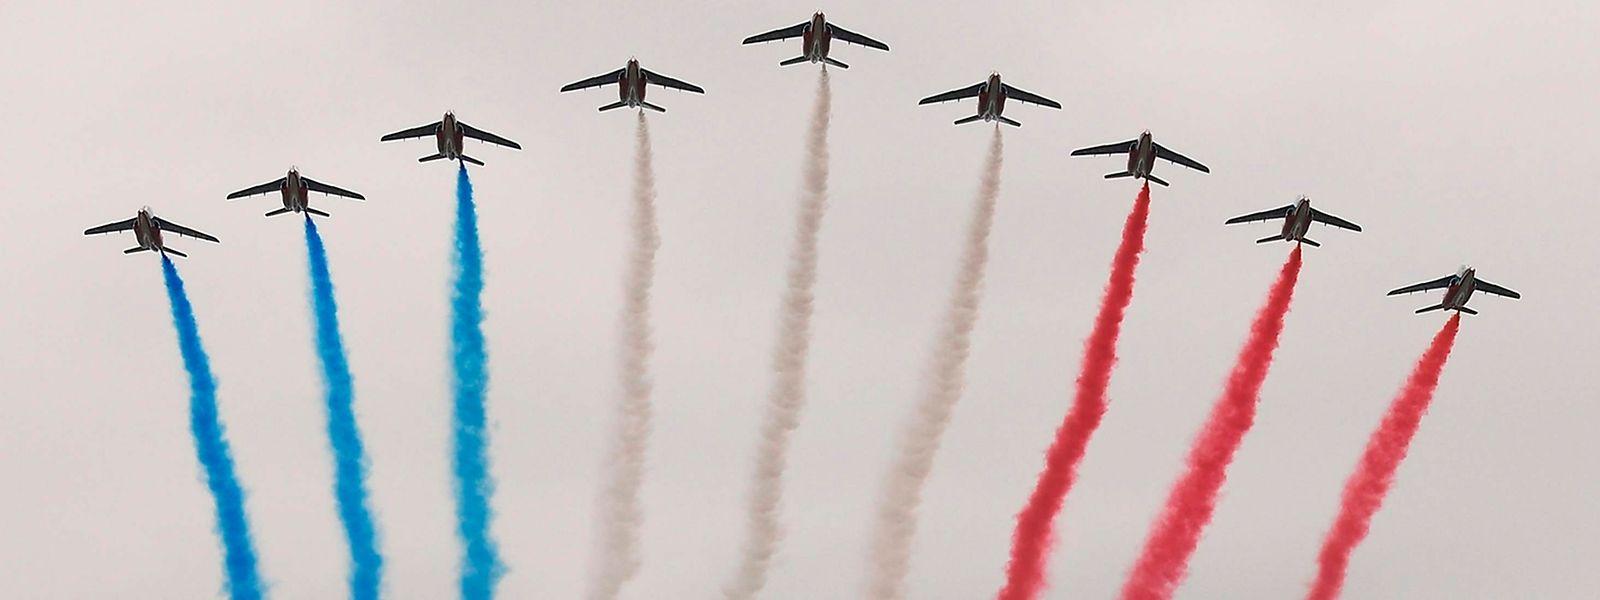 Der Überflug der Patrouille de France gehört zur Parade wie der Eiffelturm zu Paris.